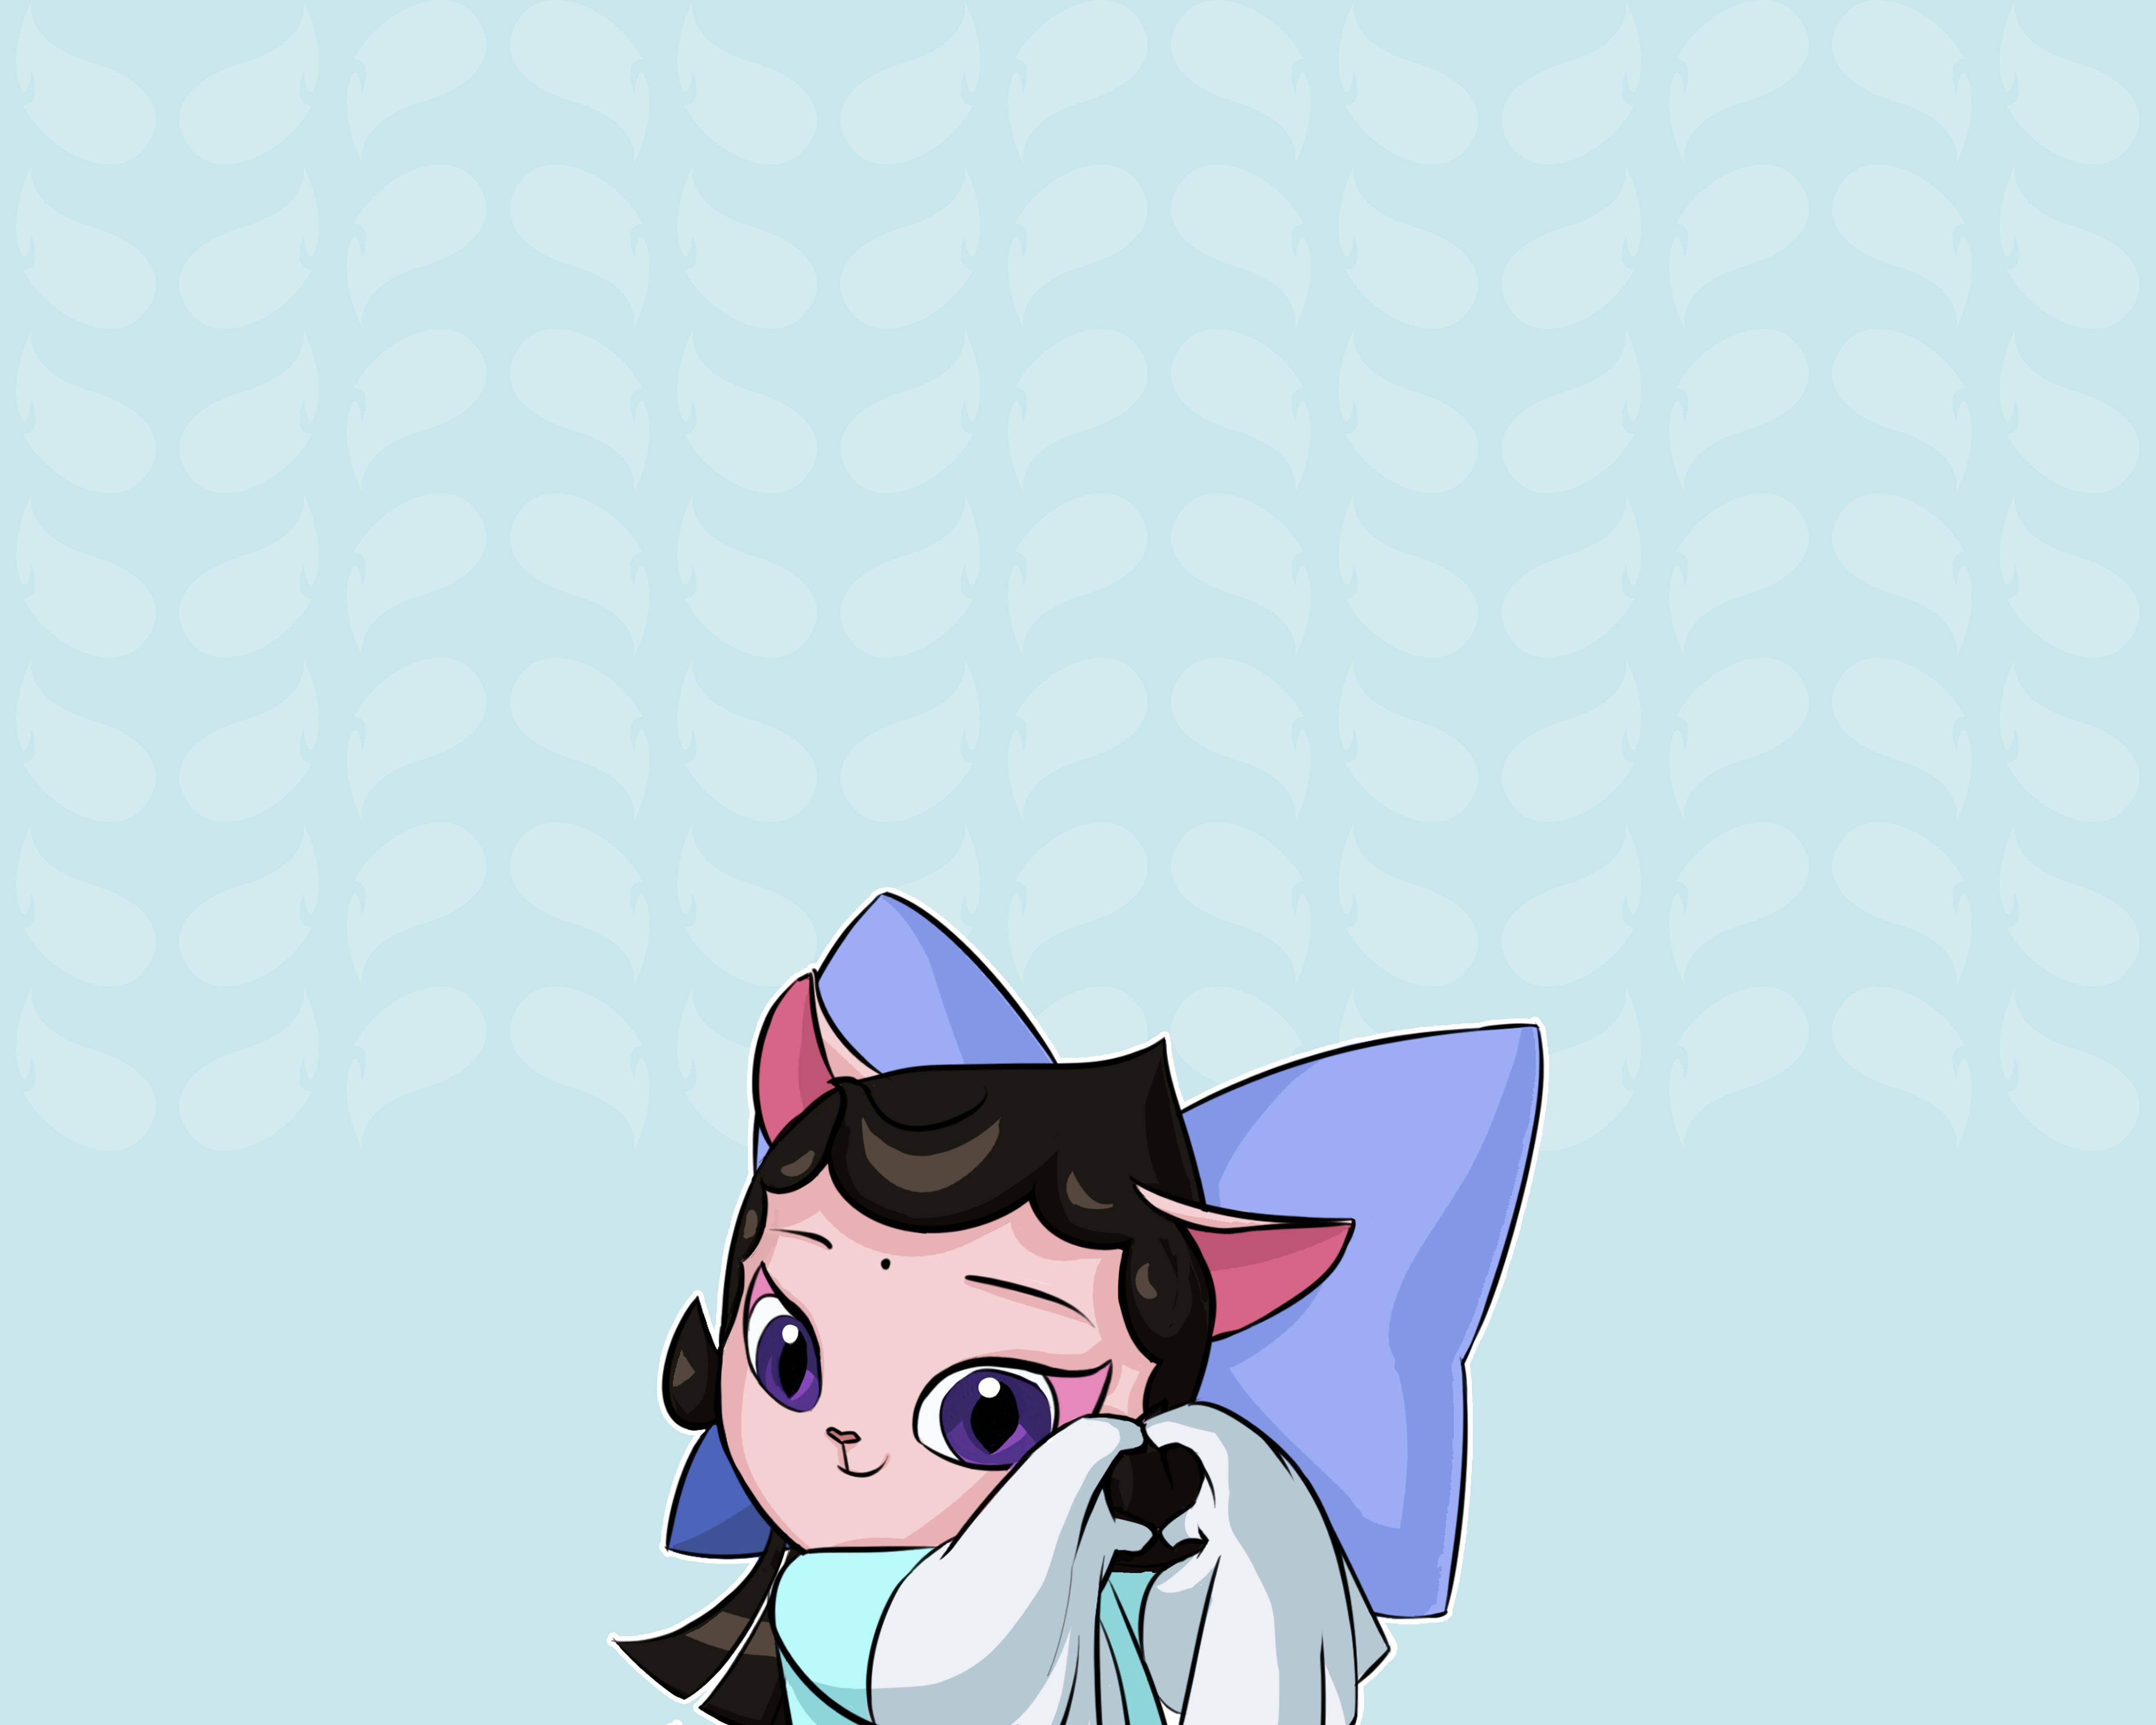 《京剧猫》安卓手机壁纸